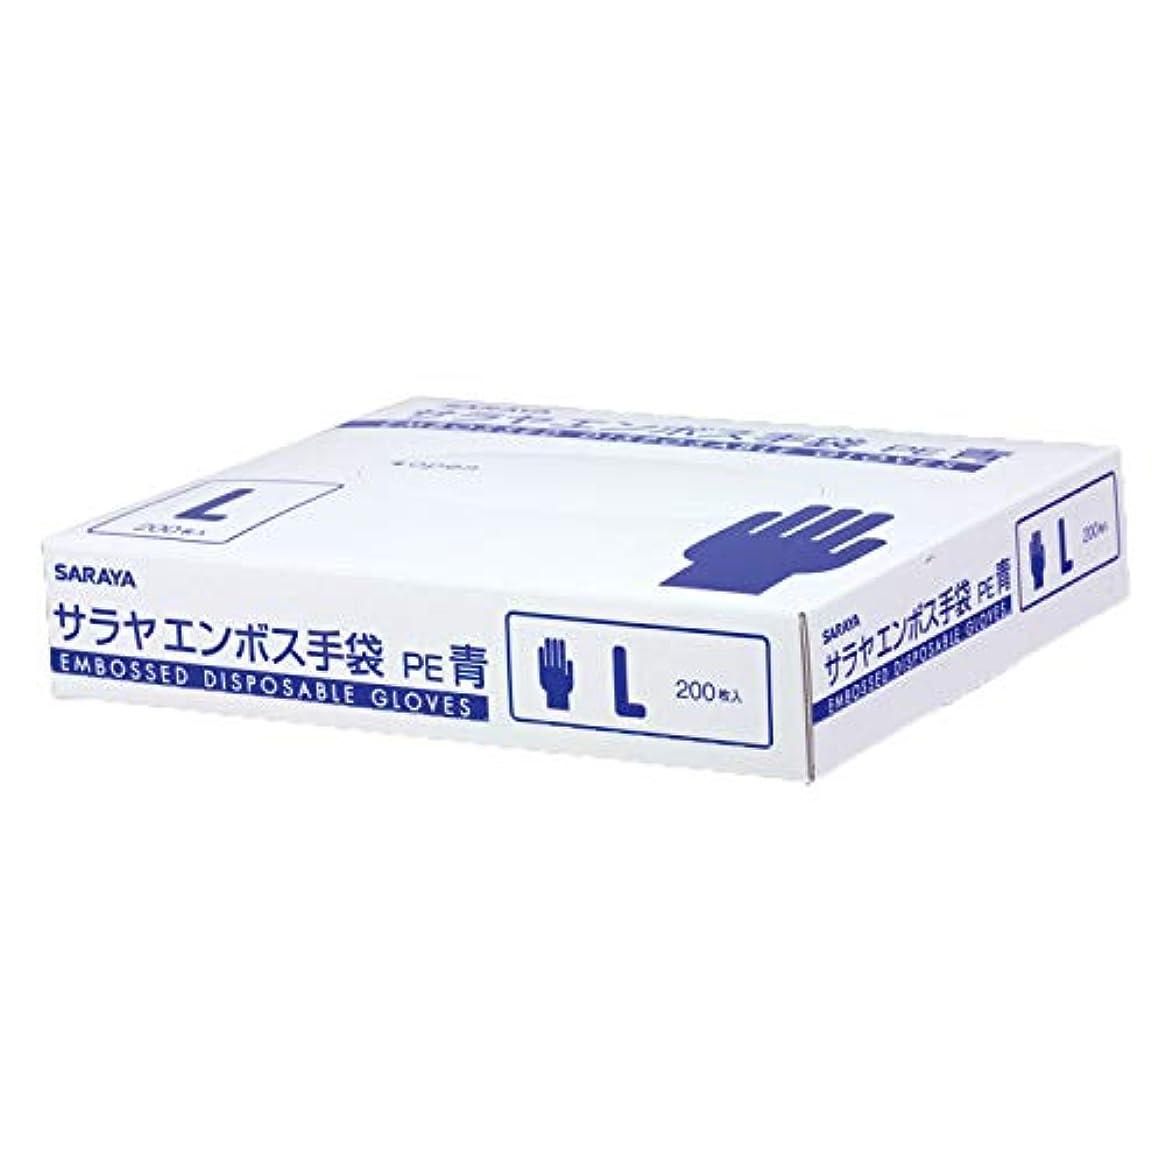 避難ロッジ命令的サラヤ エンボス手袋PE 青 L 200枚×20箱 51095